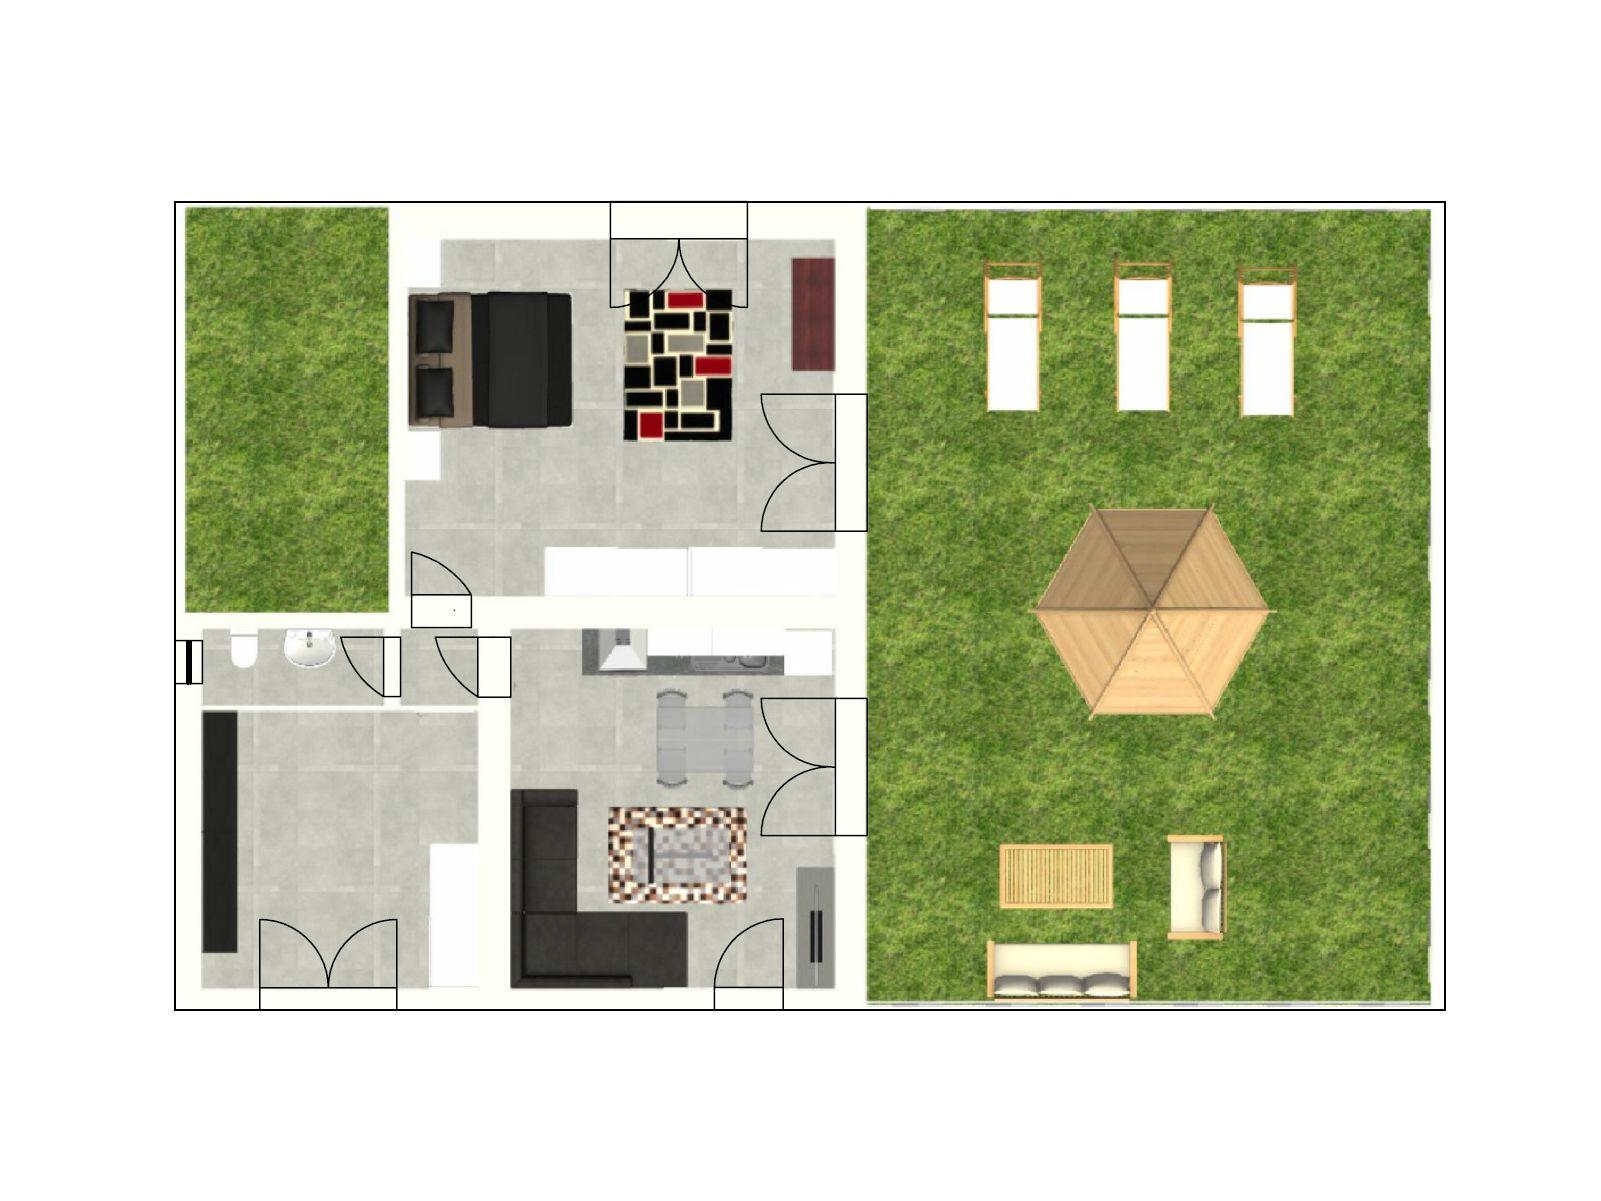 Immagini di giardino con planimetria casa con giardino for Progetta le planimetrie di casa online gratuitamente